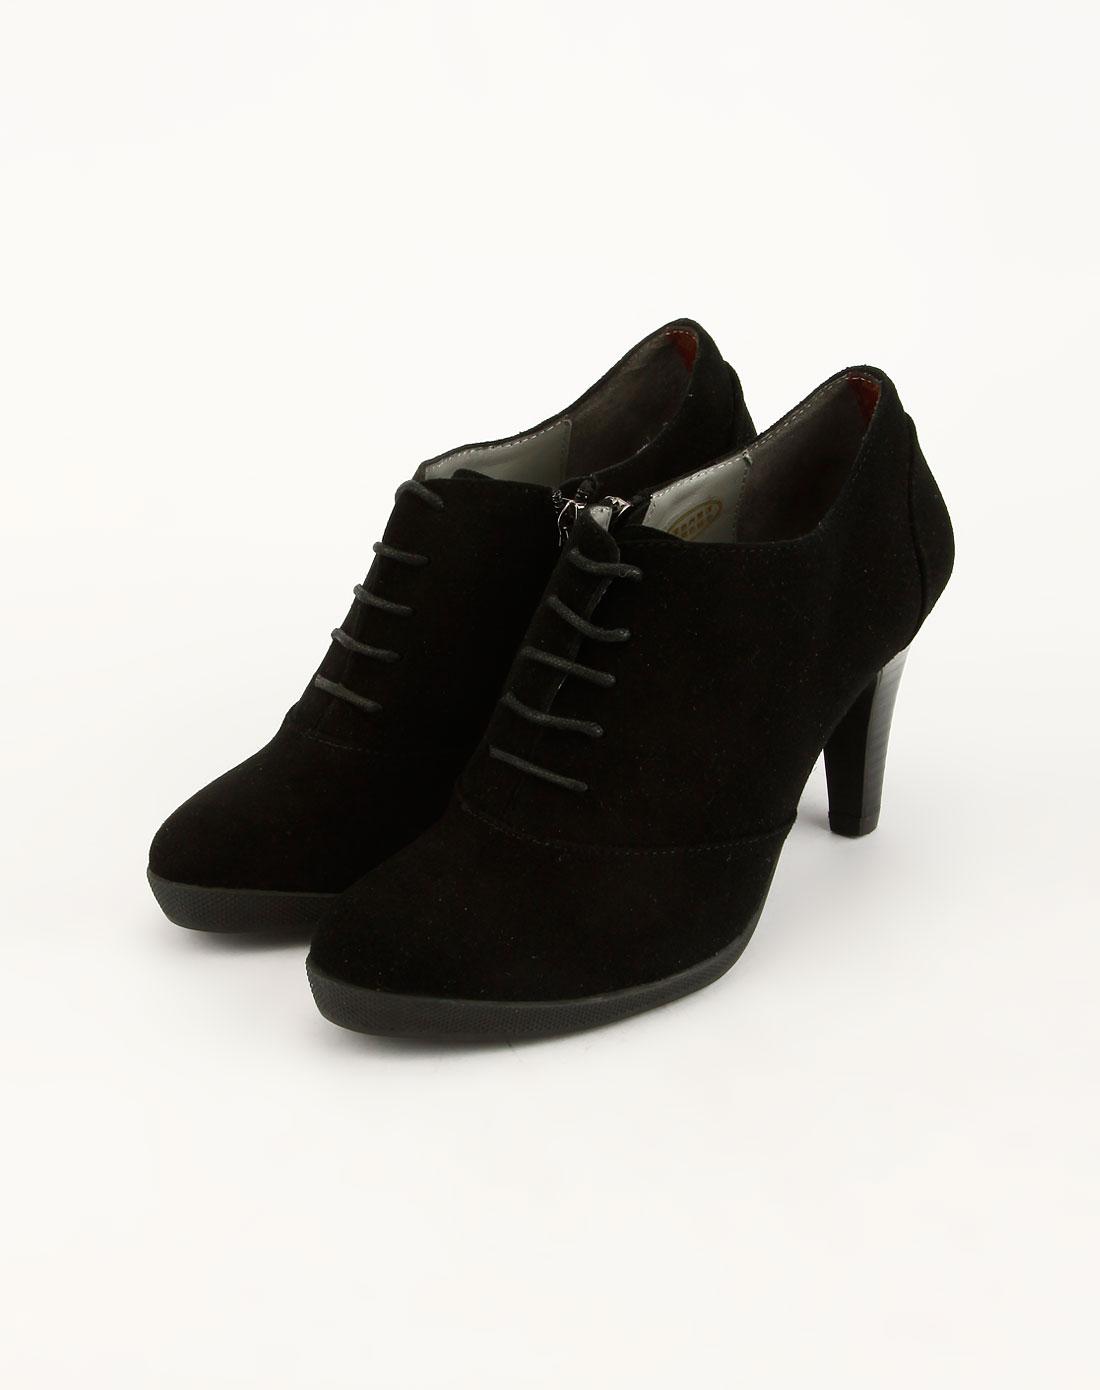 黑色磨砂面绑带高跟鞋